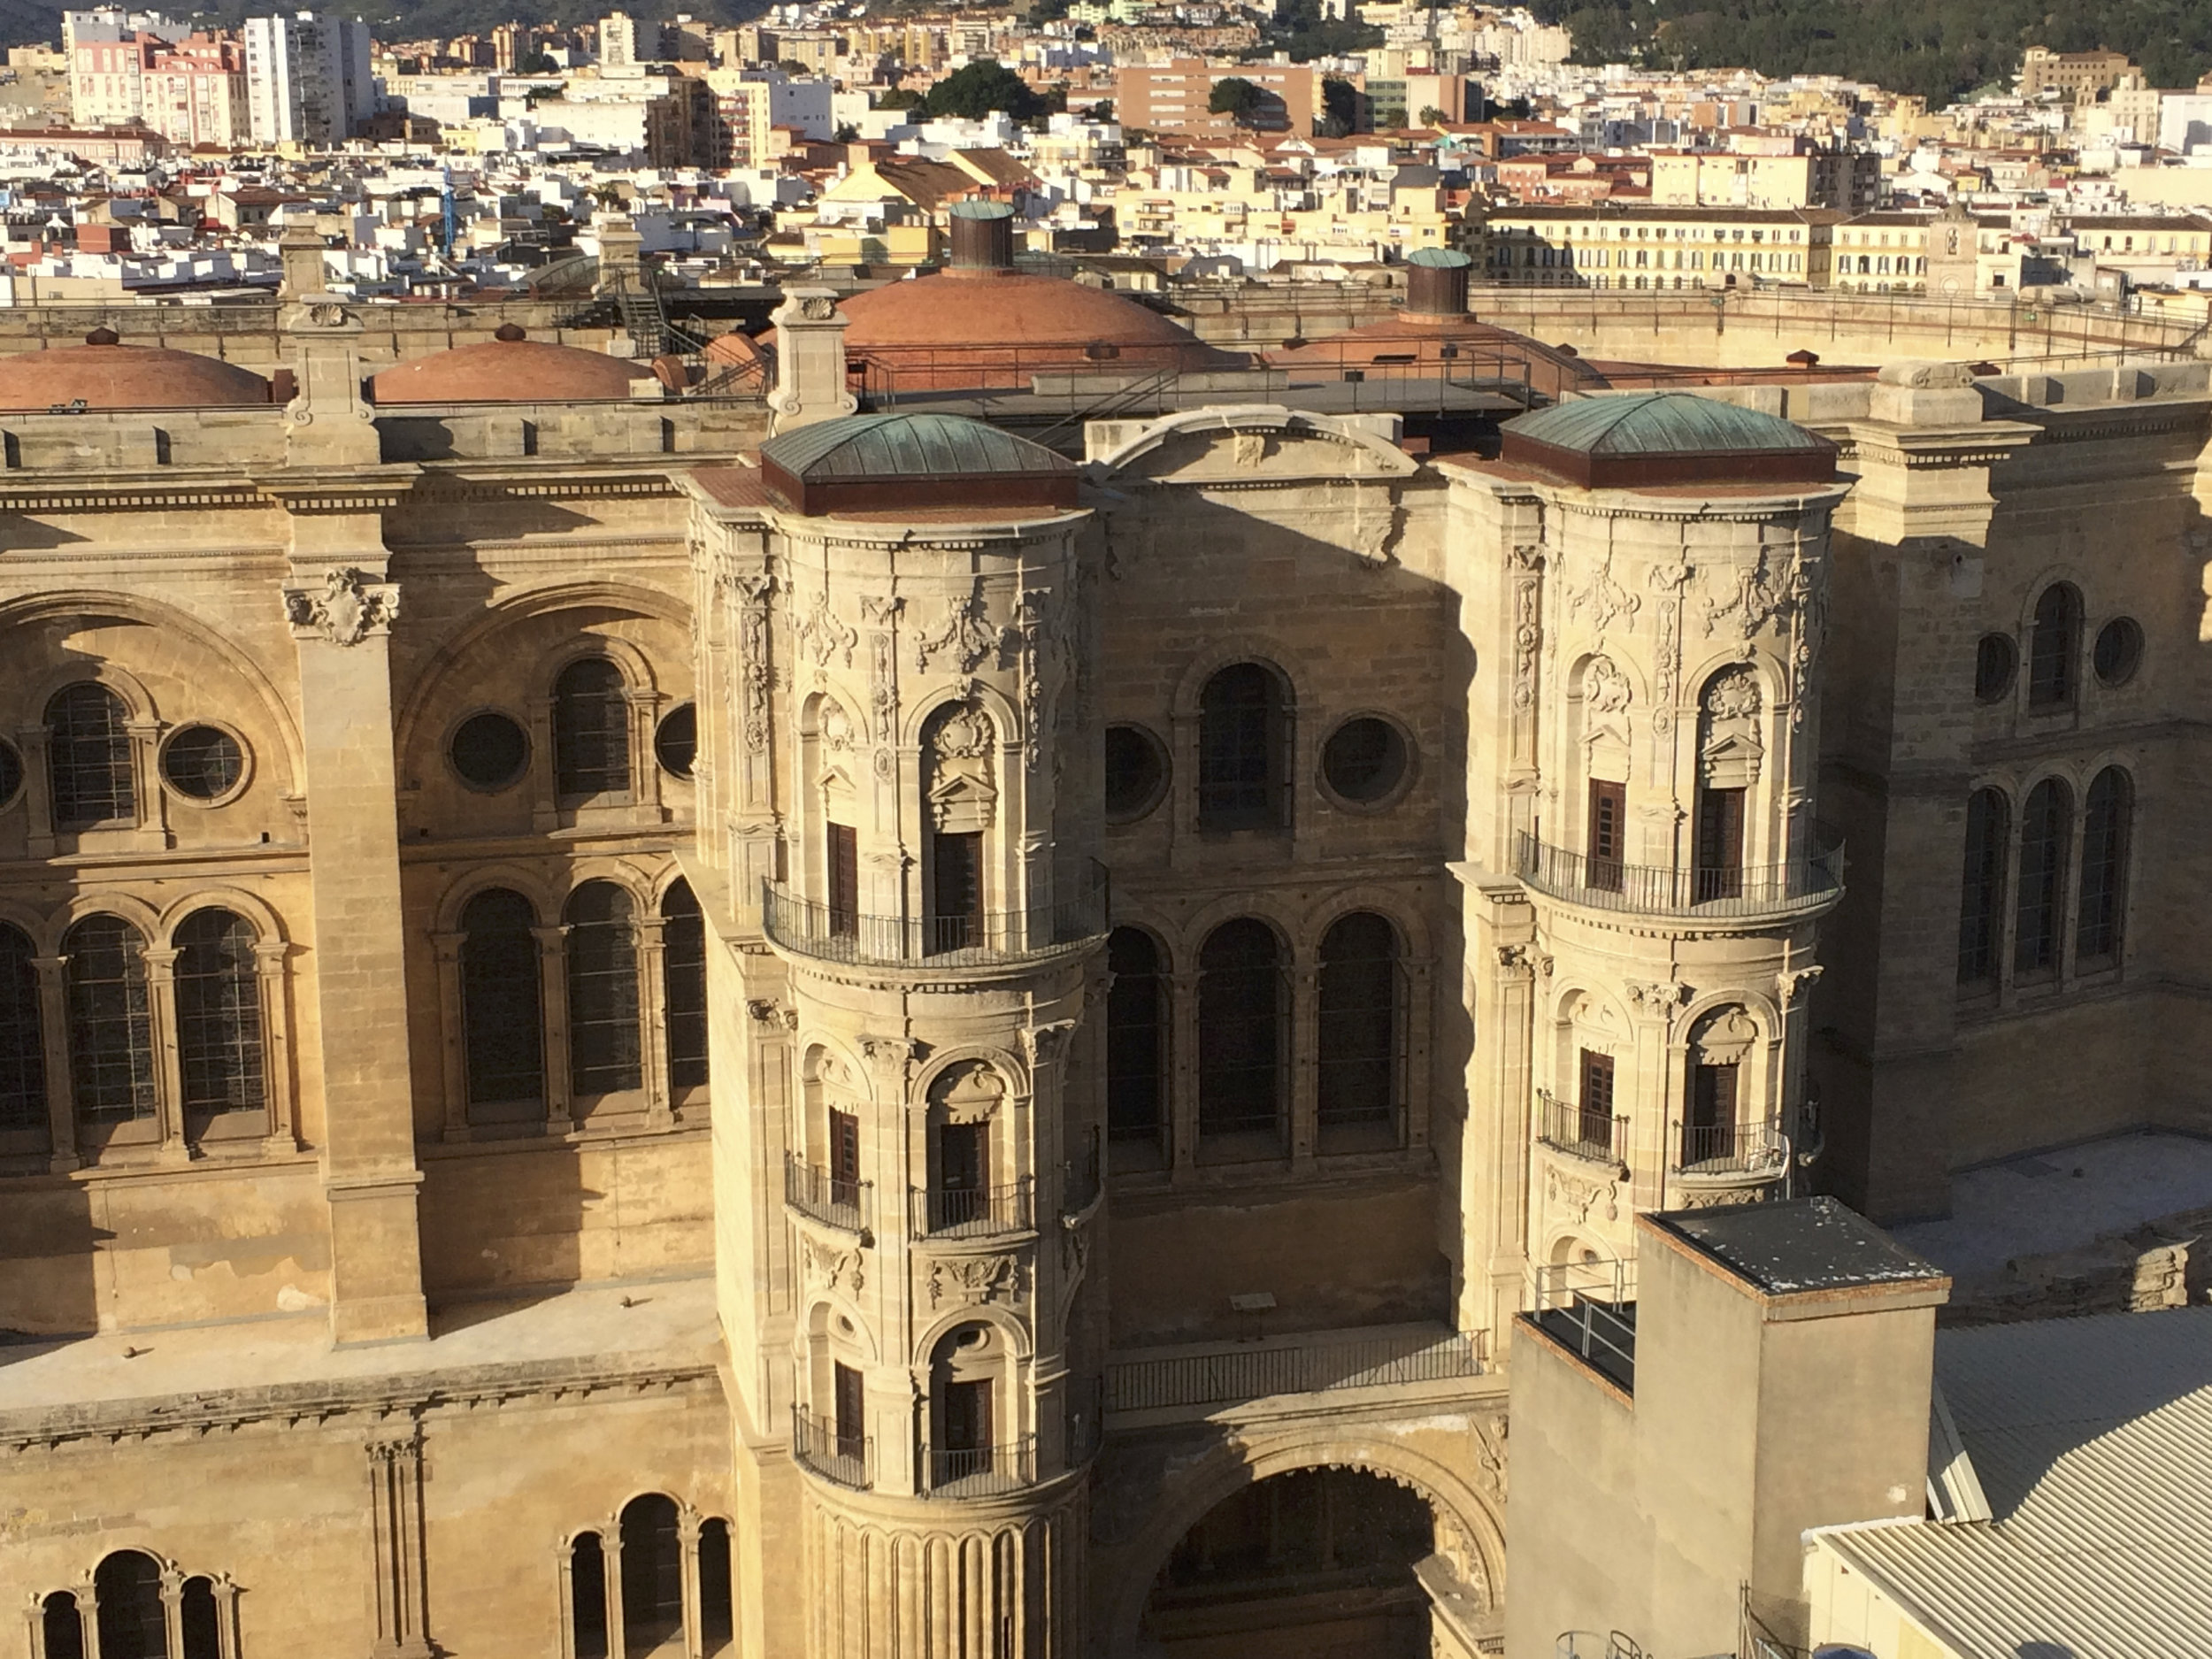 Vue de l'arrière de la cathédrale